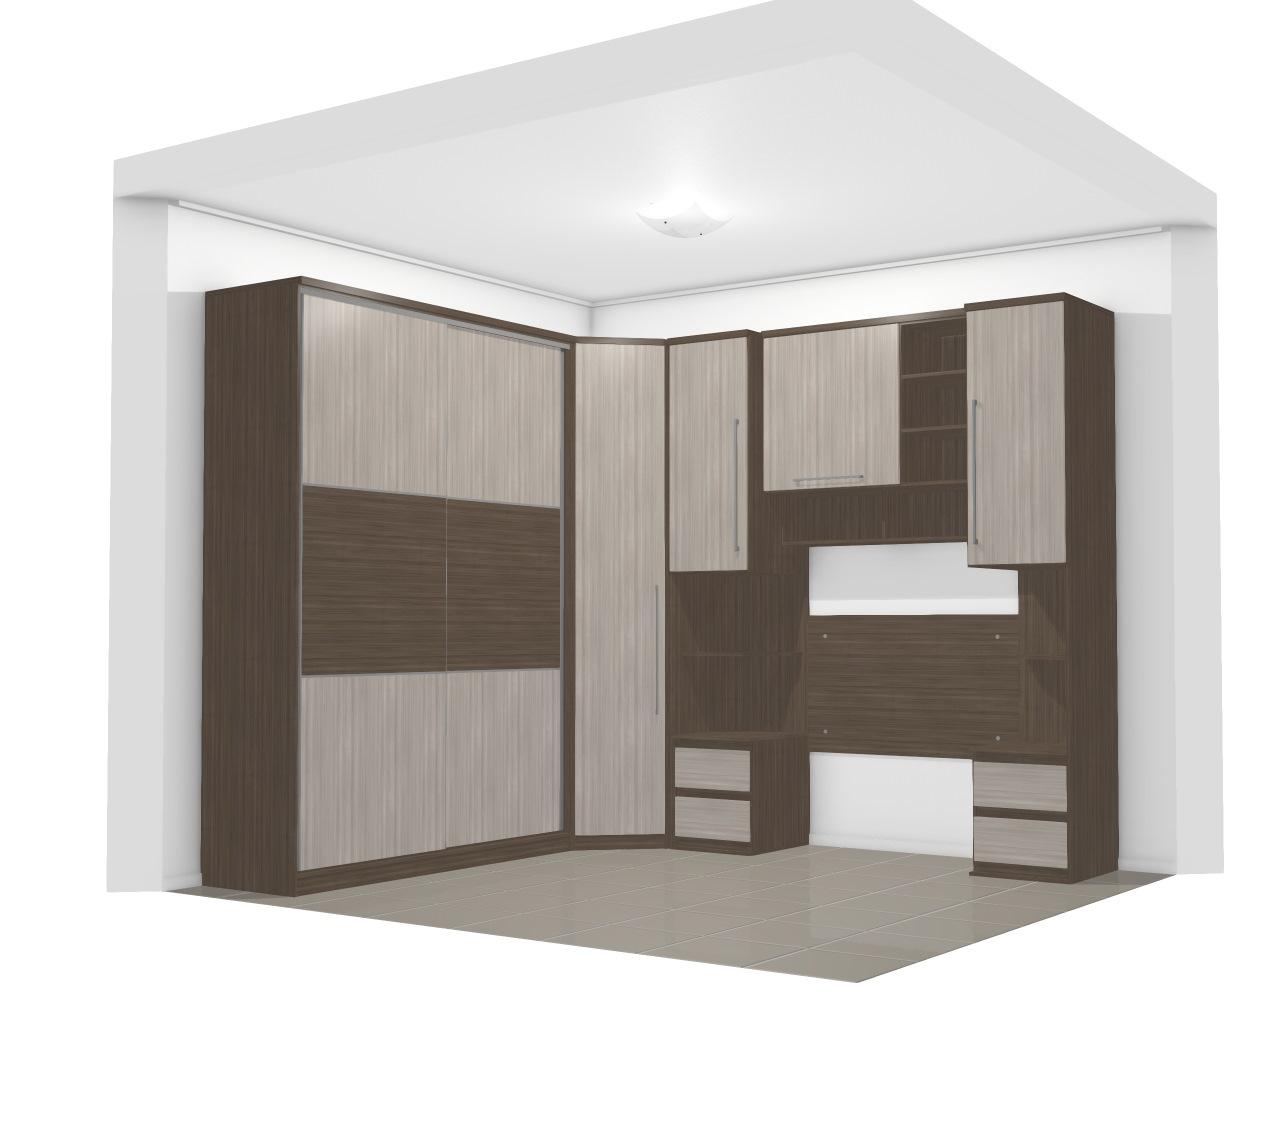 Itens para Show Room Super MM Design